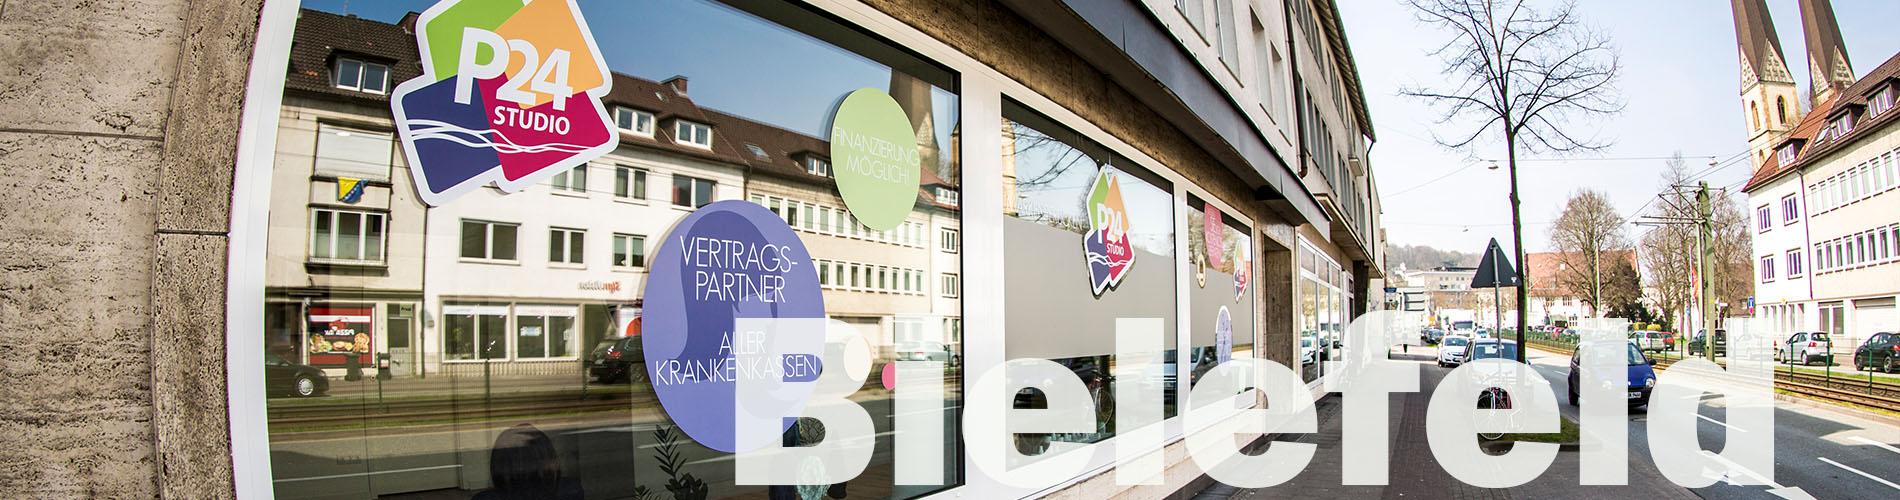 P24 Studio Bielefeld